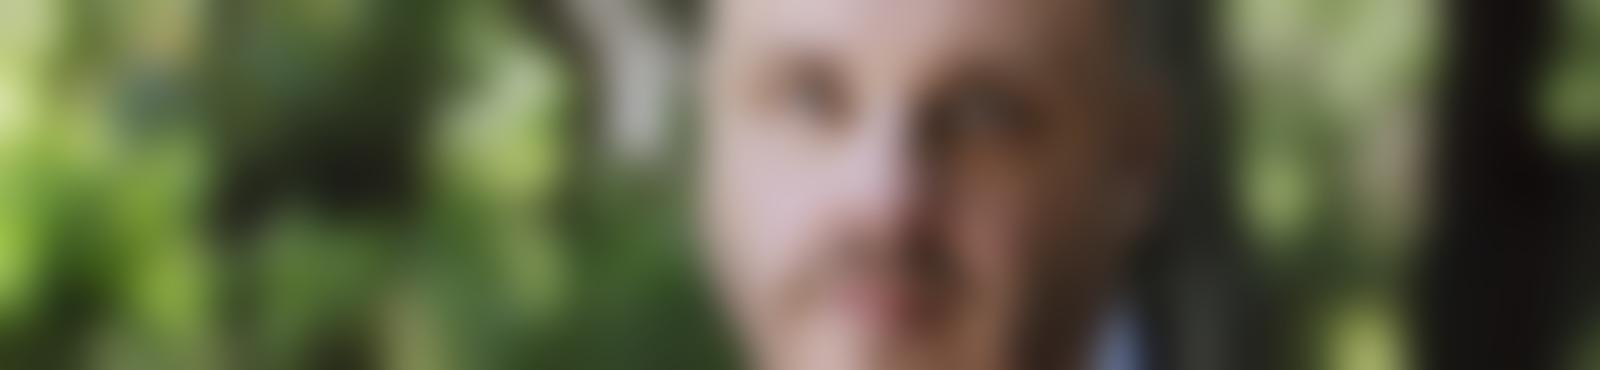 Blurred d132bbbf e8f6 482b b2ad dd4642c0d2d8